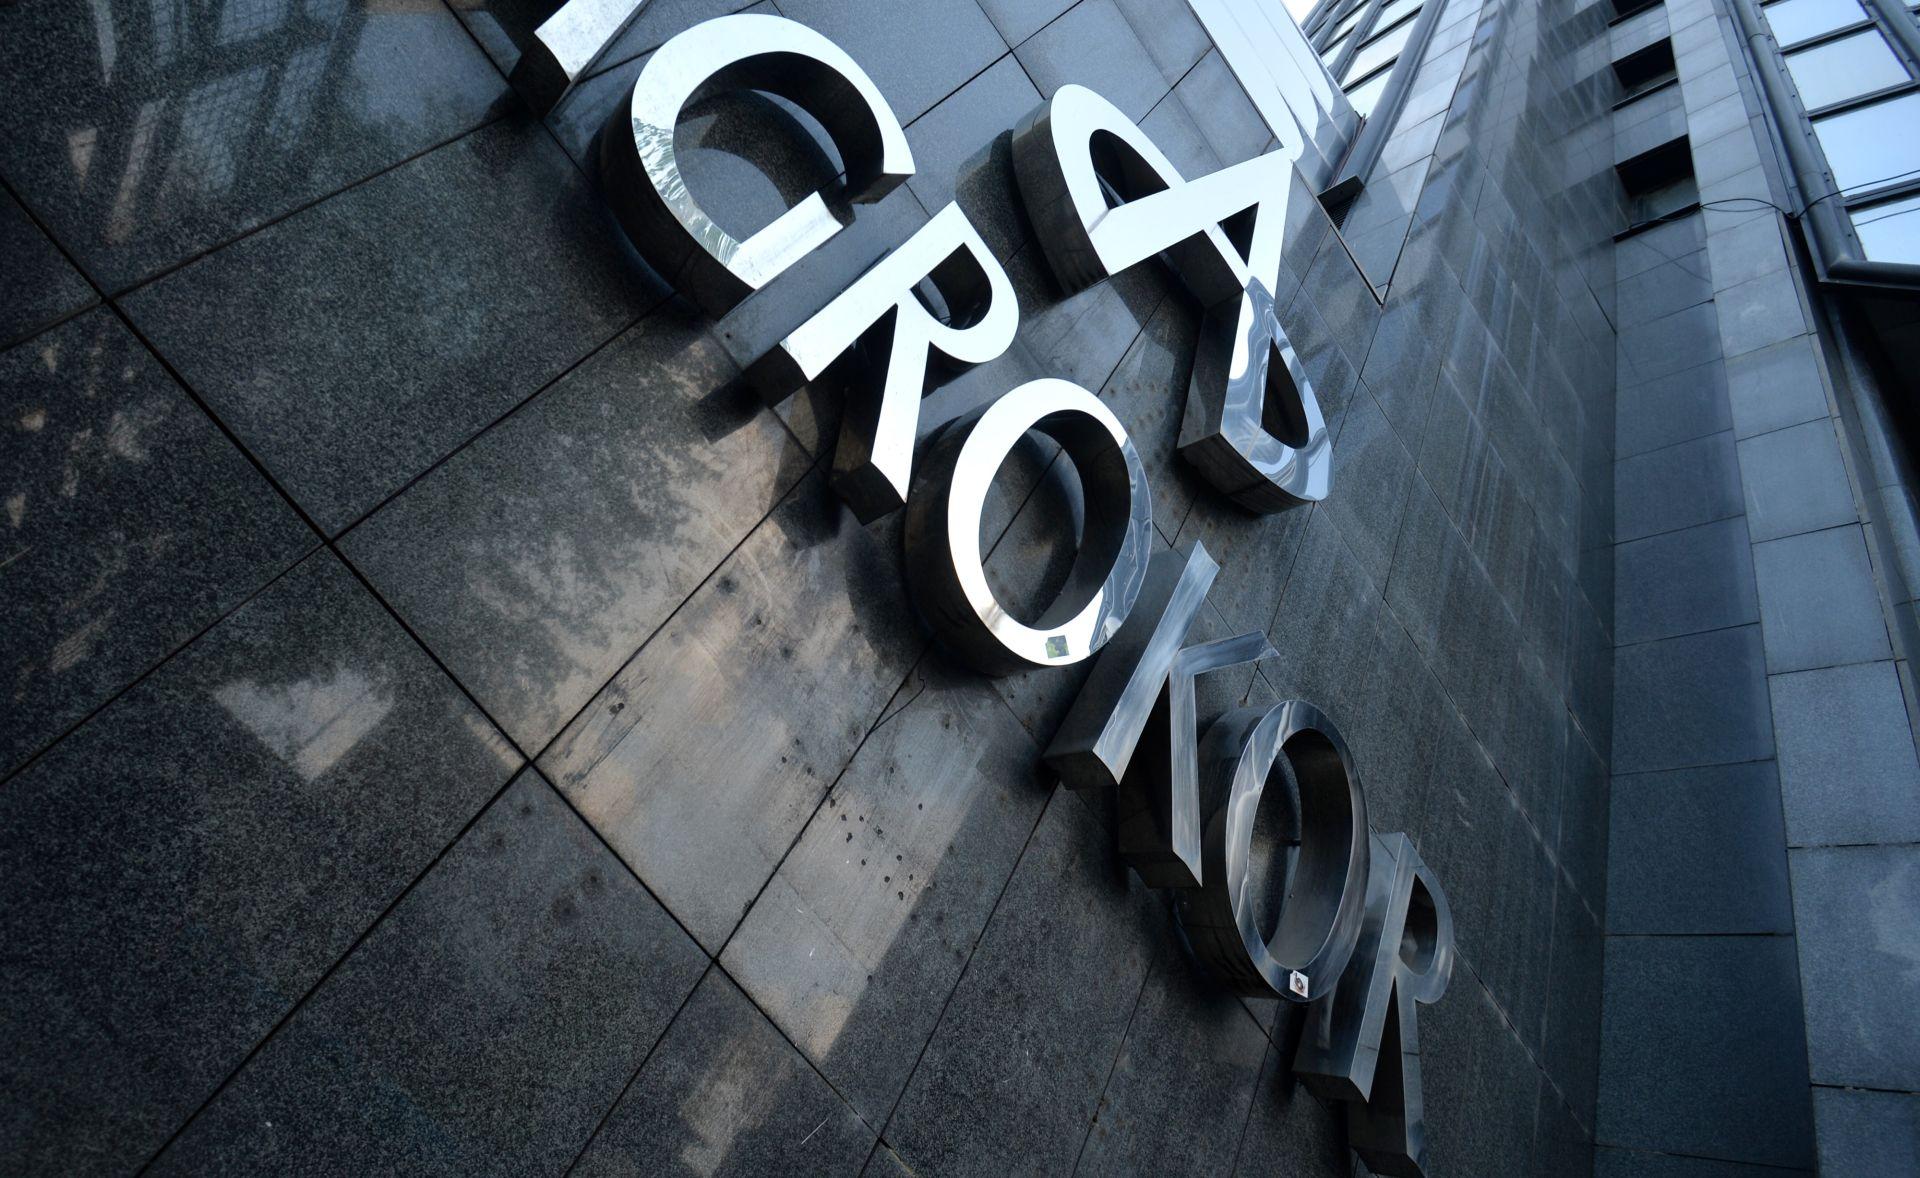 AGROKOR Promemoriju potpisalo 16 financijskih institucija i 70-ak dobavljača